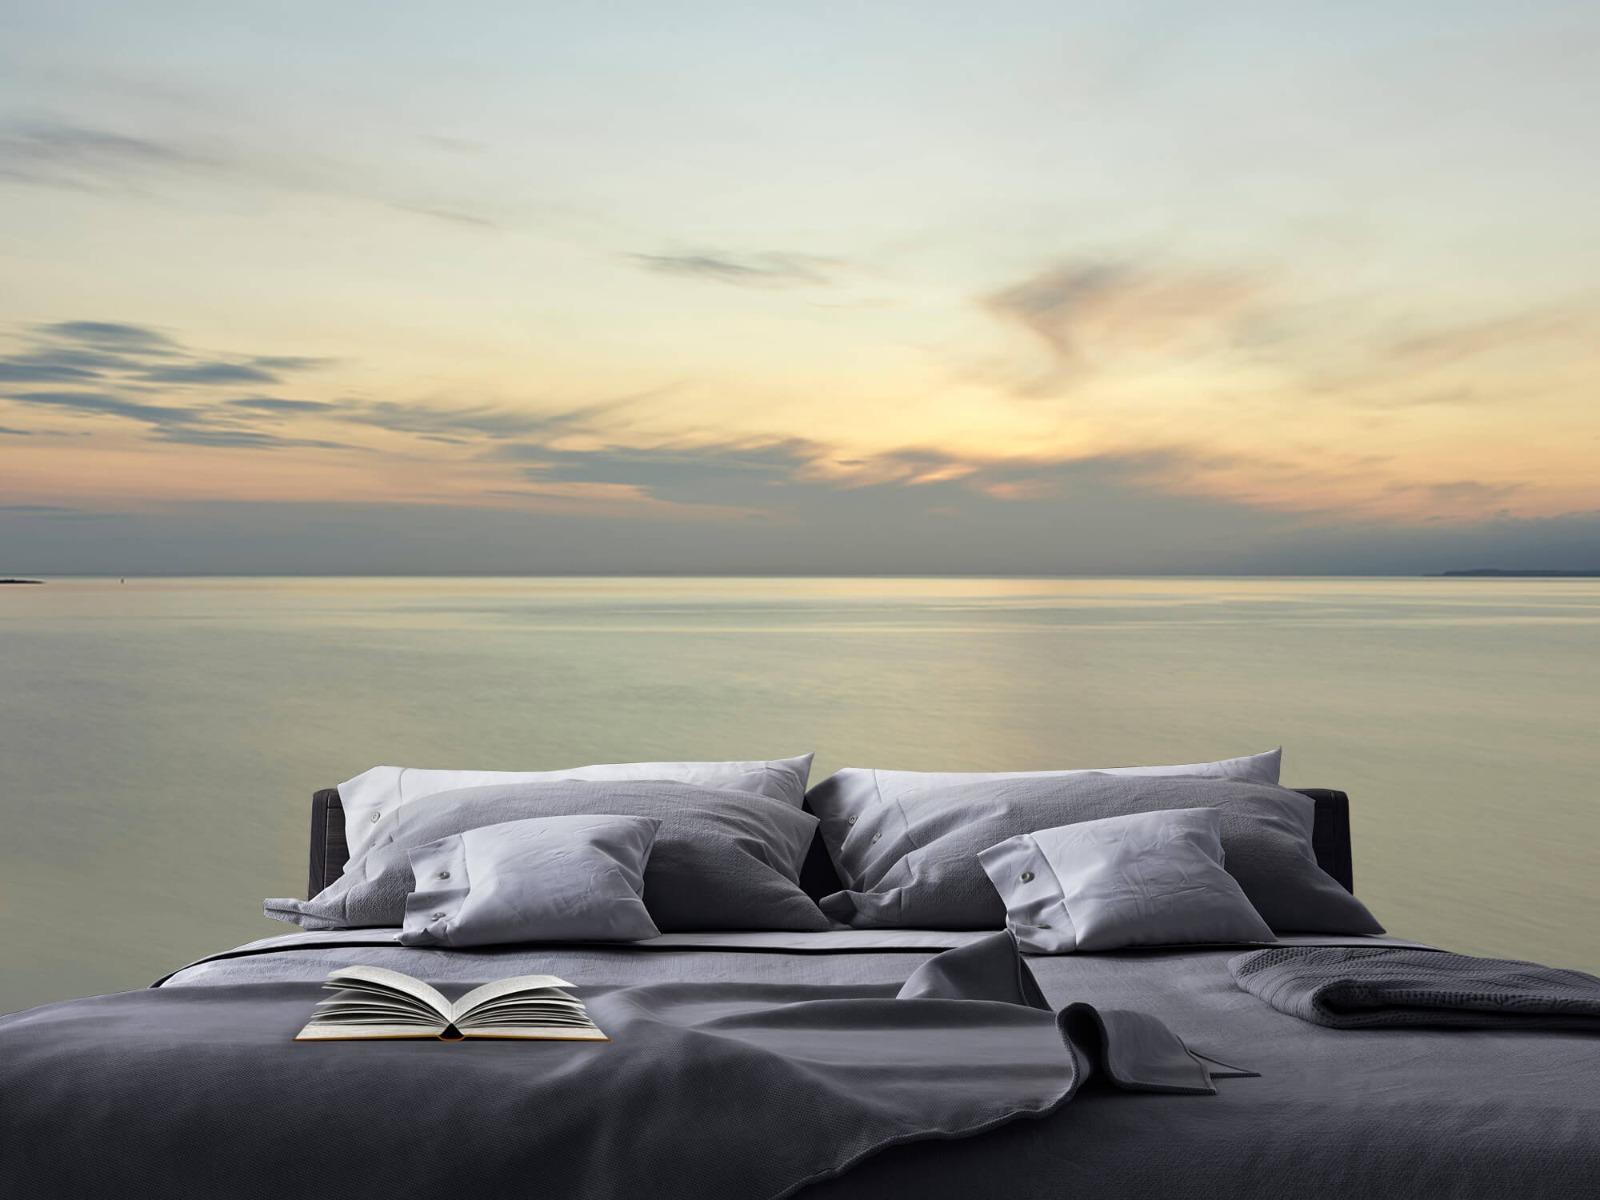 Zeeën en Oceanen - Zonsopkomst aan de kust - Wallexclusive - Slaapkamer 17